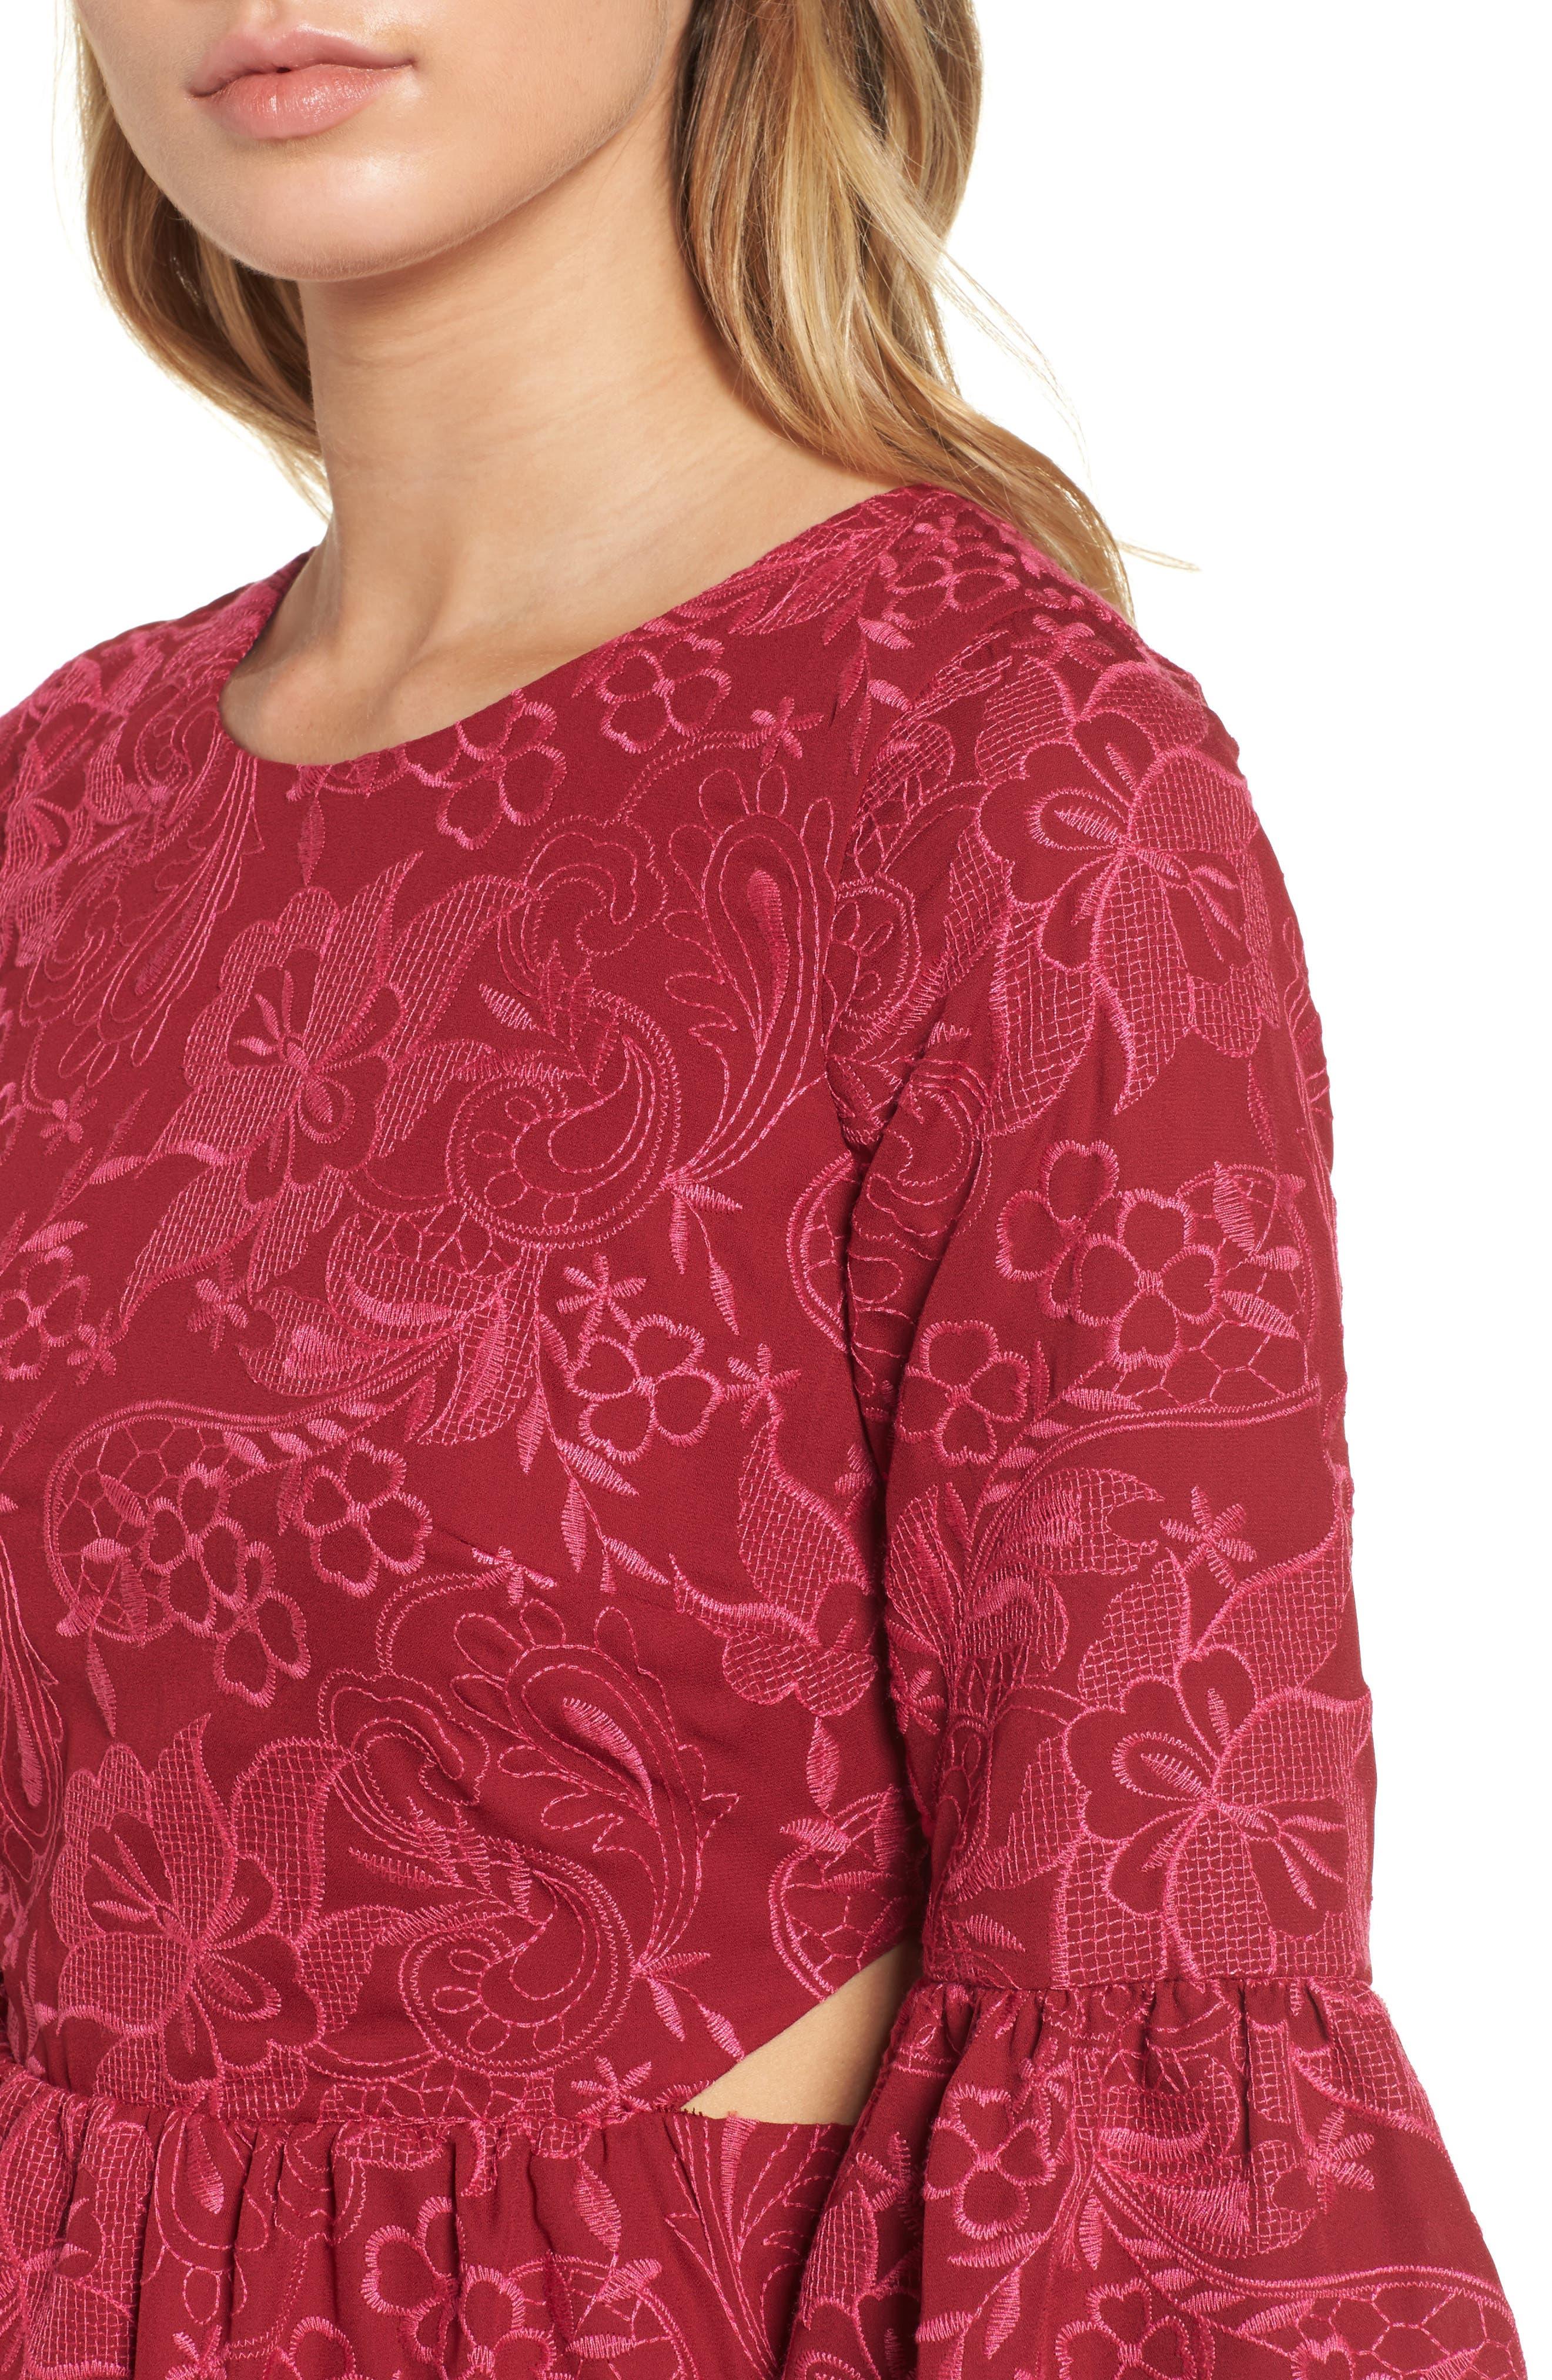 Serafina Bell Sleeve Dress,                             Alternate thumbnail 4, color,                             400